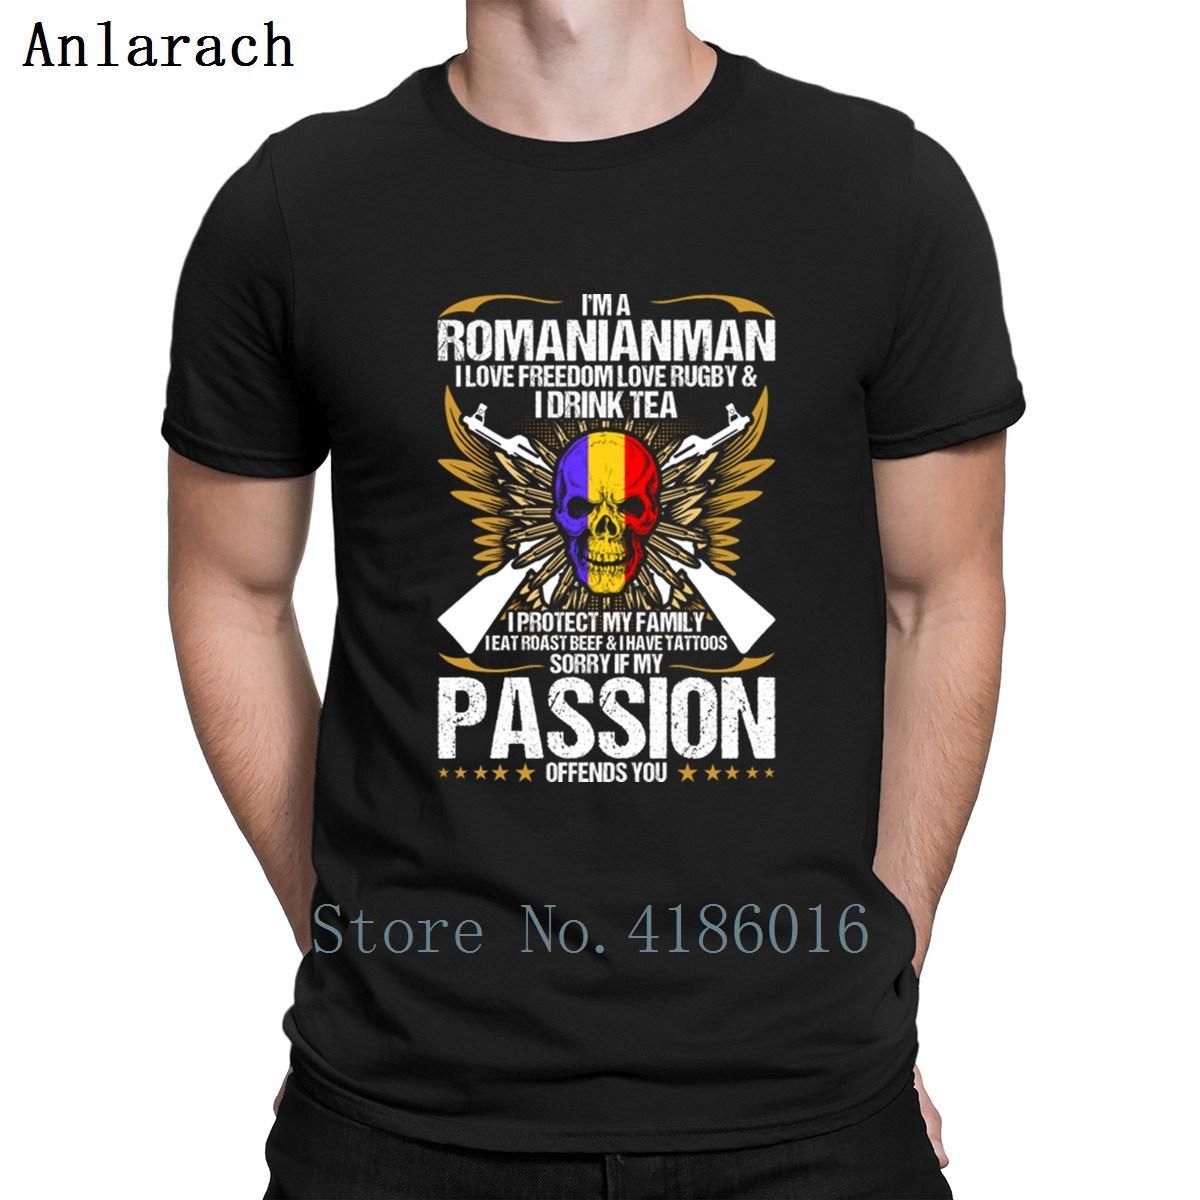 Romanianman Je aime la liberté d'amour Rugbys T-shirt Hiphop Haut ras du cou célèbre des hommes T-shirt 2018 standard New Style Tendance